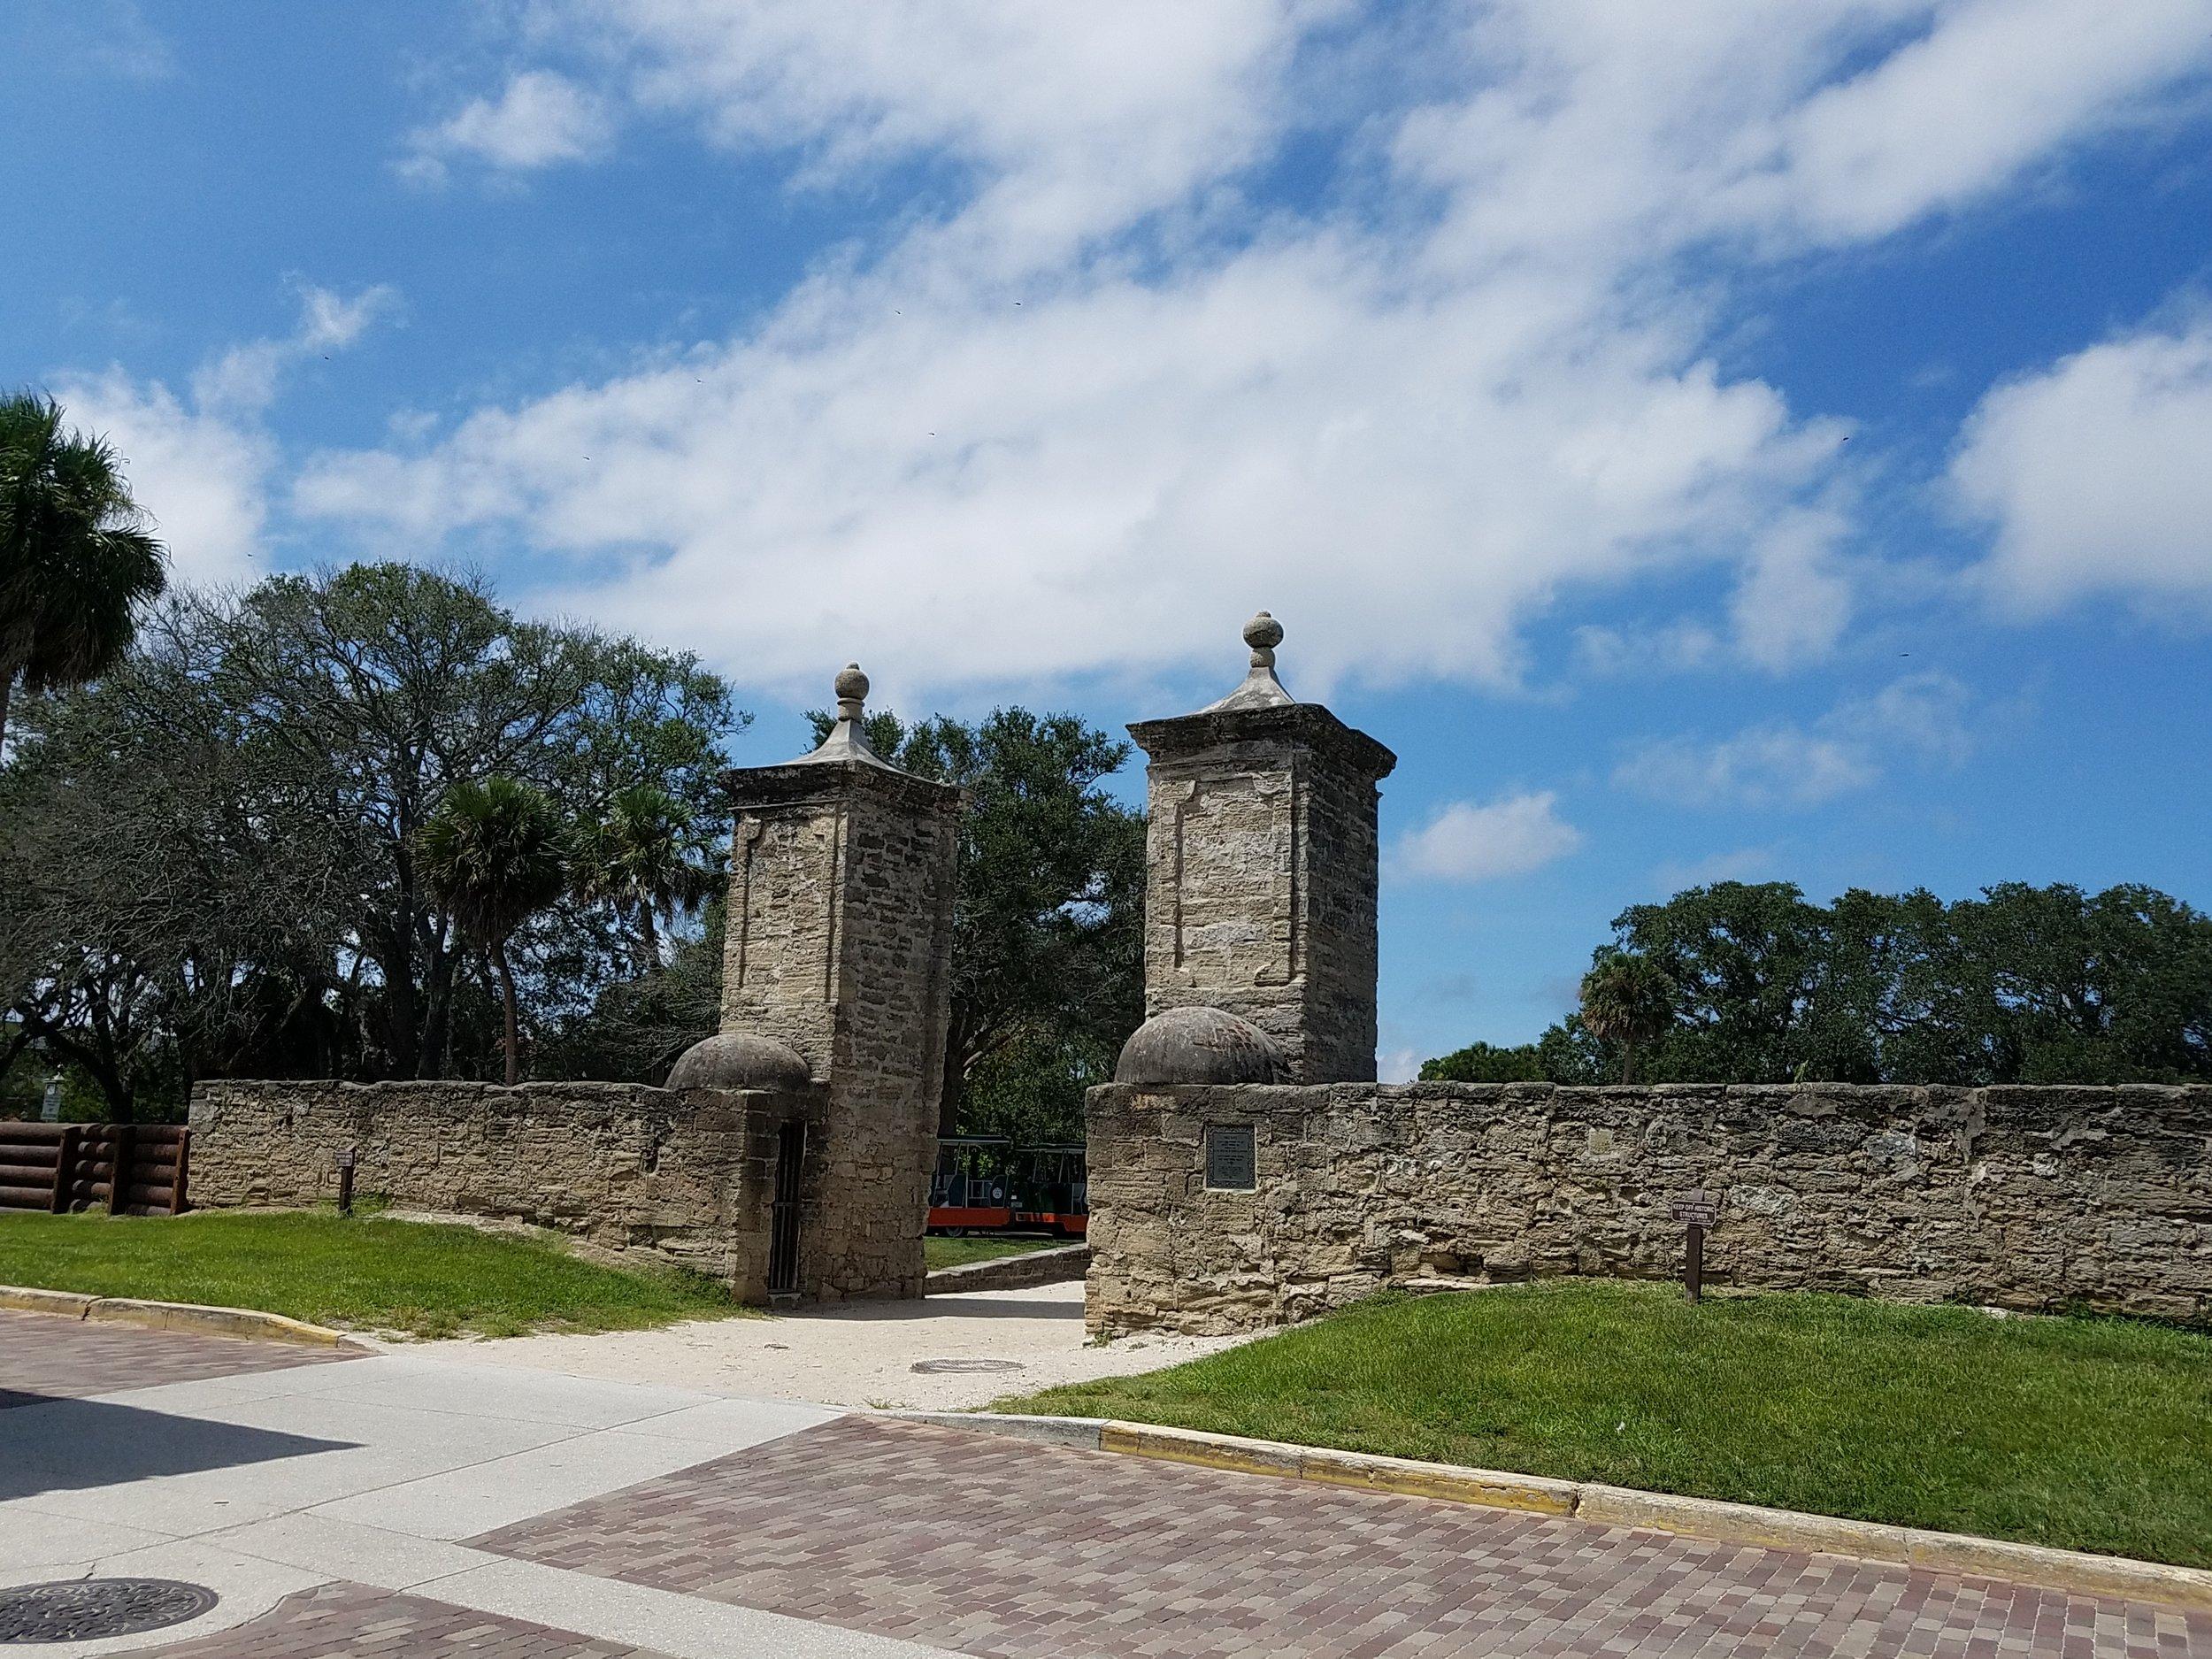 Original city gate